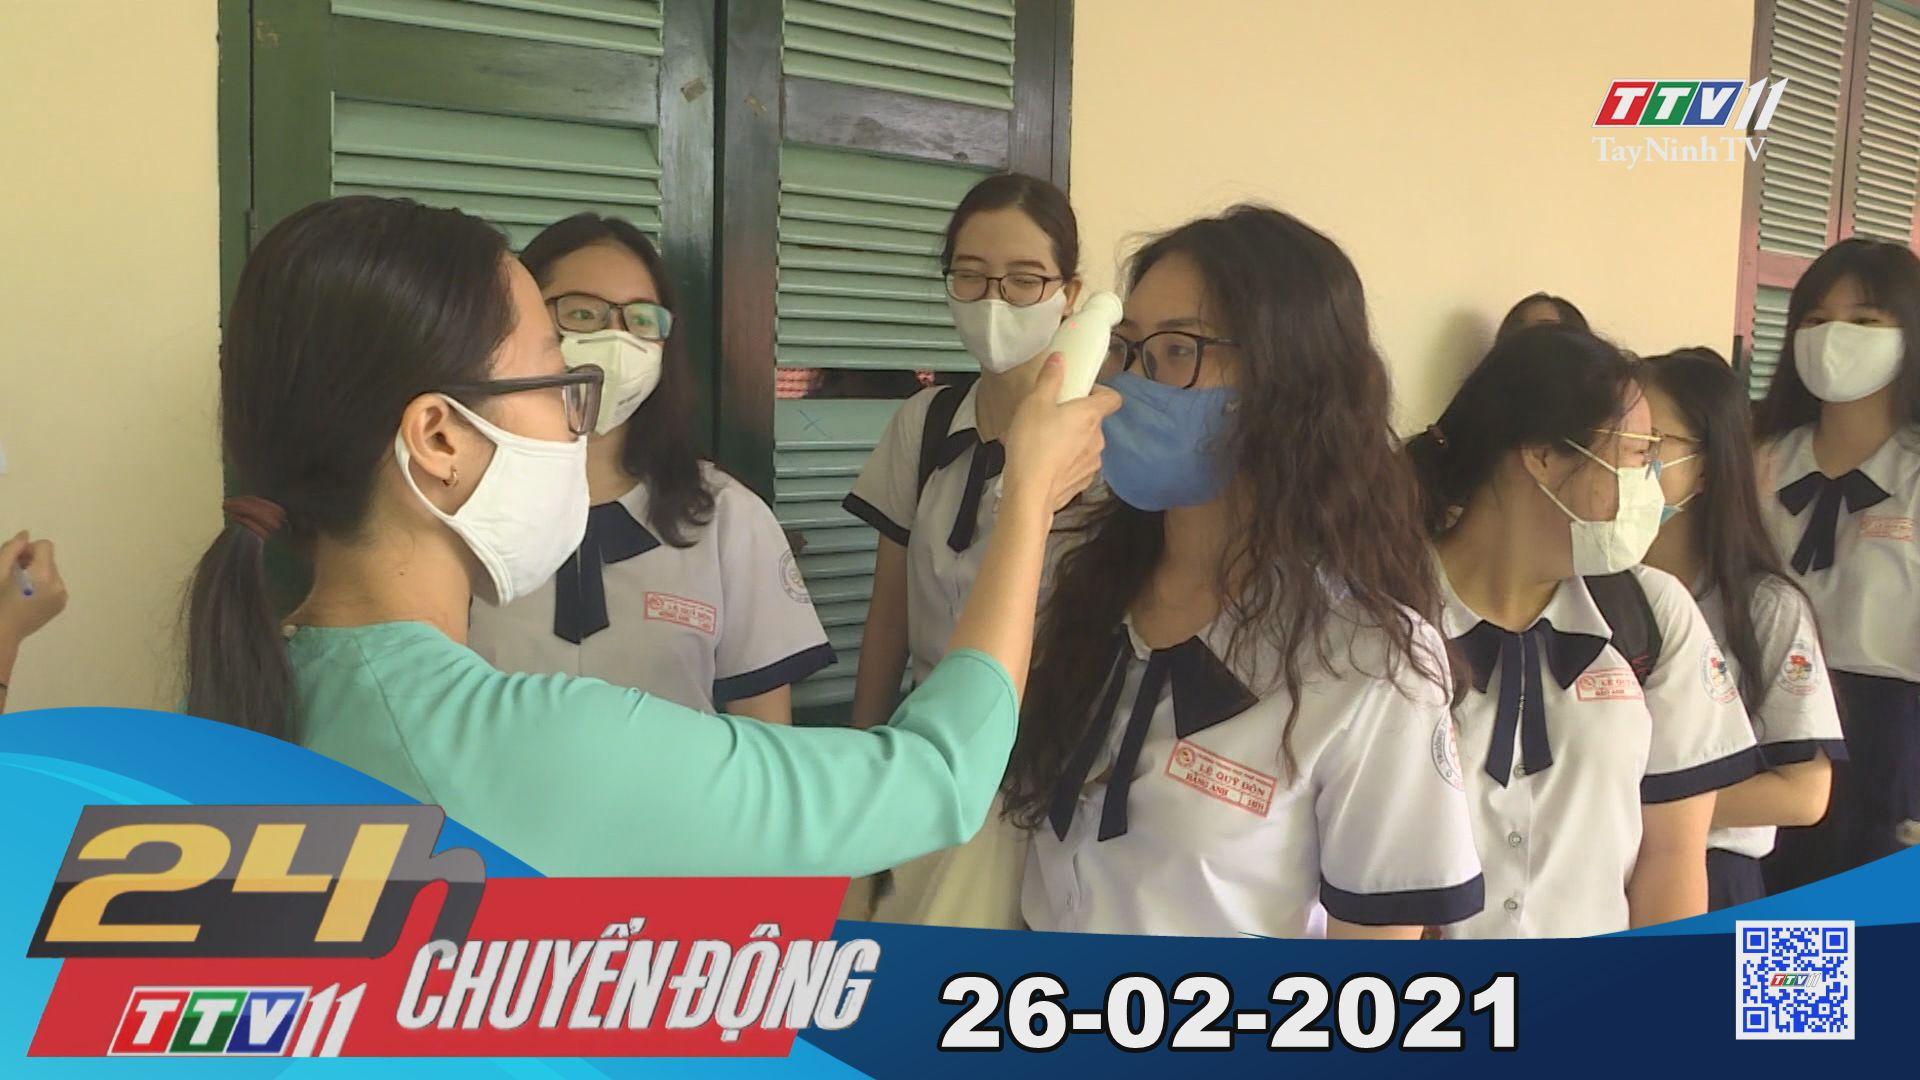 24h Chuyển động 26-02-2021 | Tin tức hôm nay | TayNinhTV